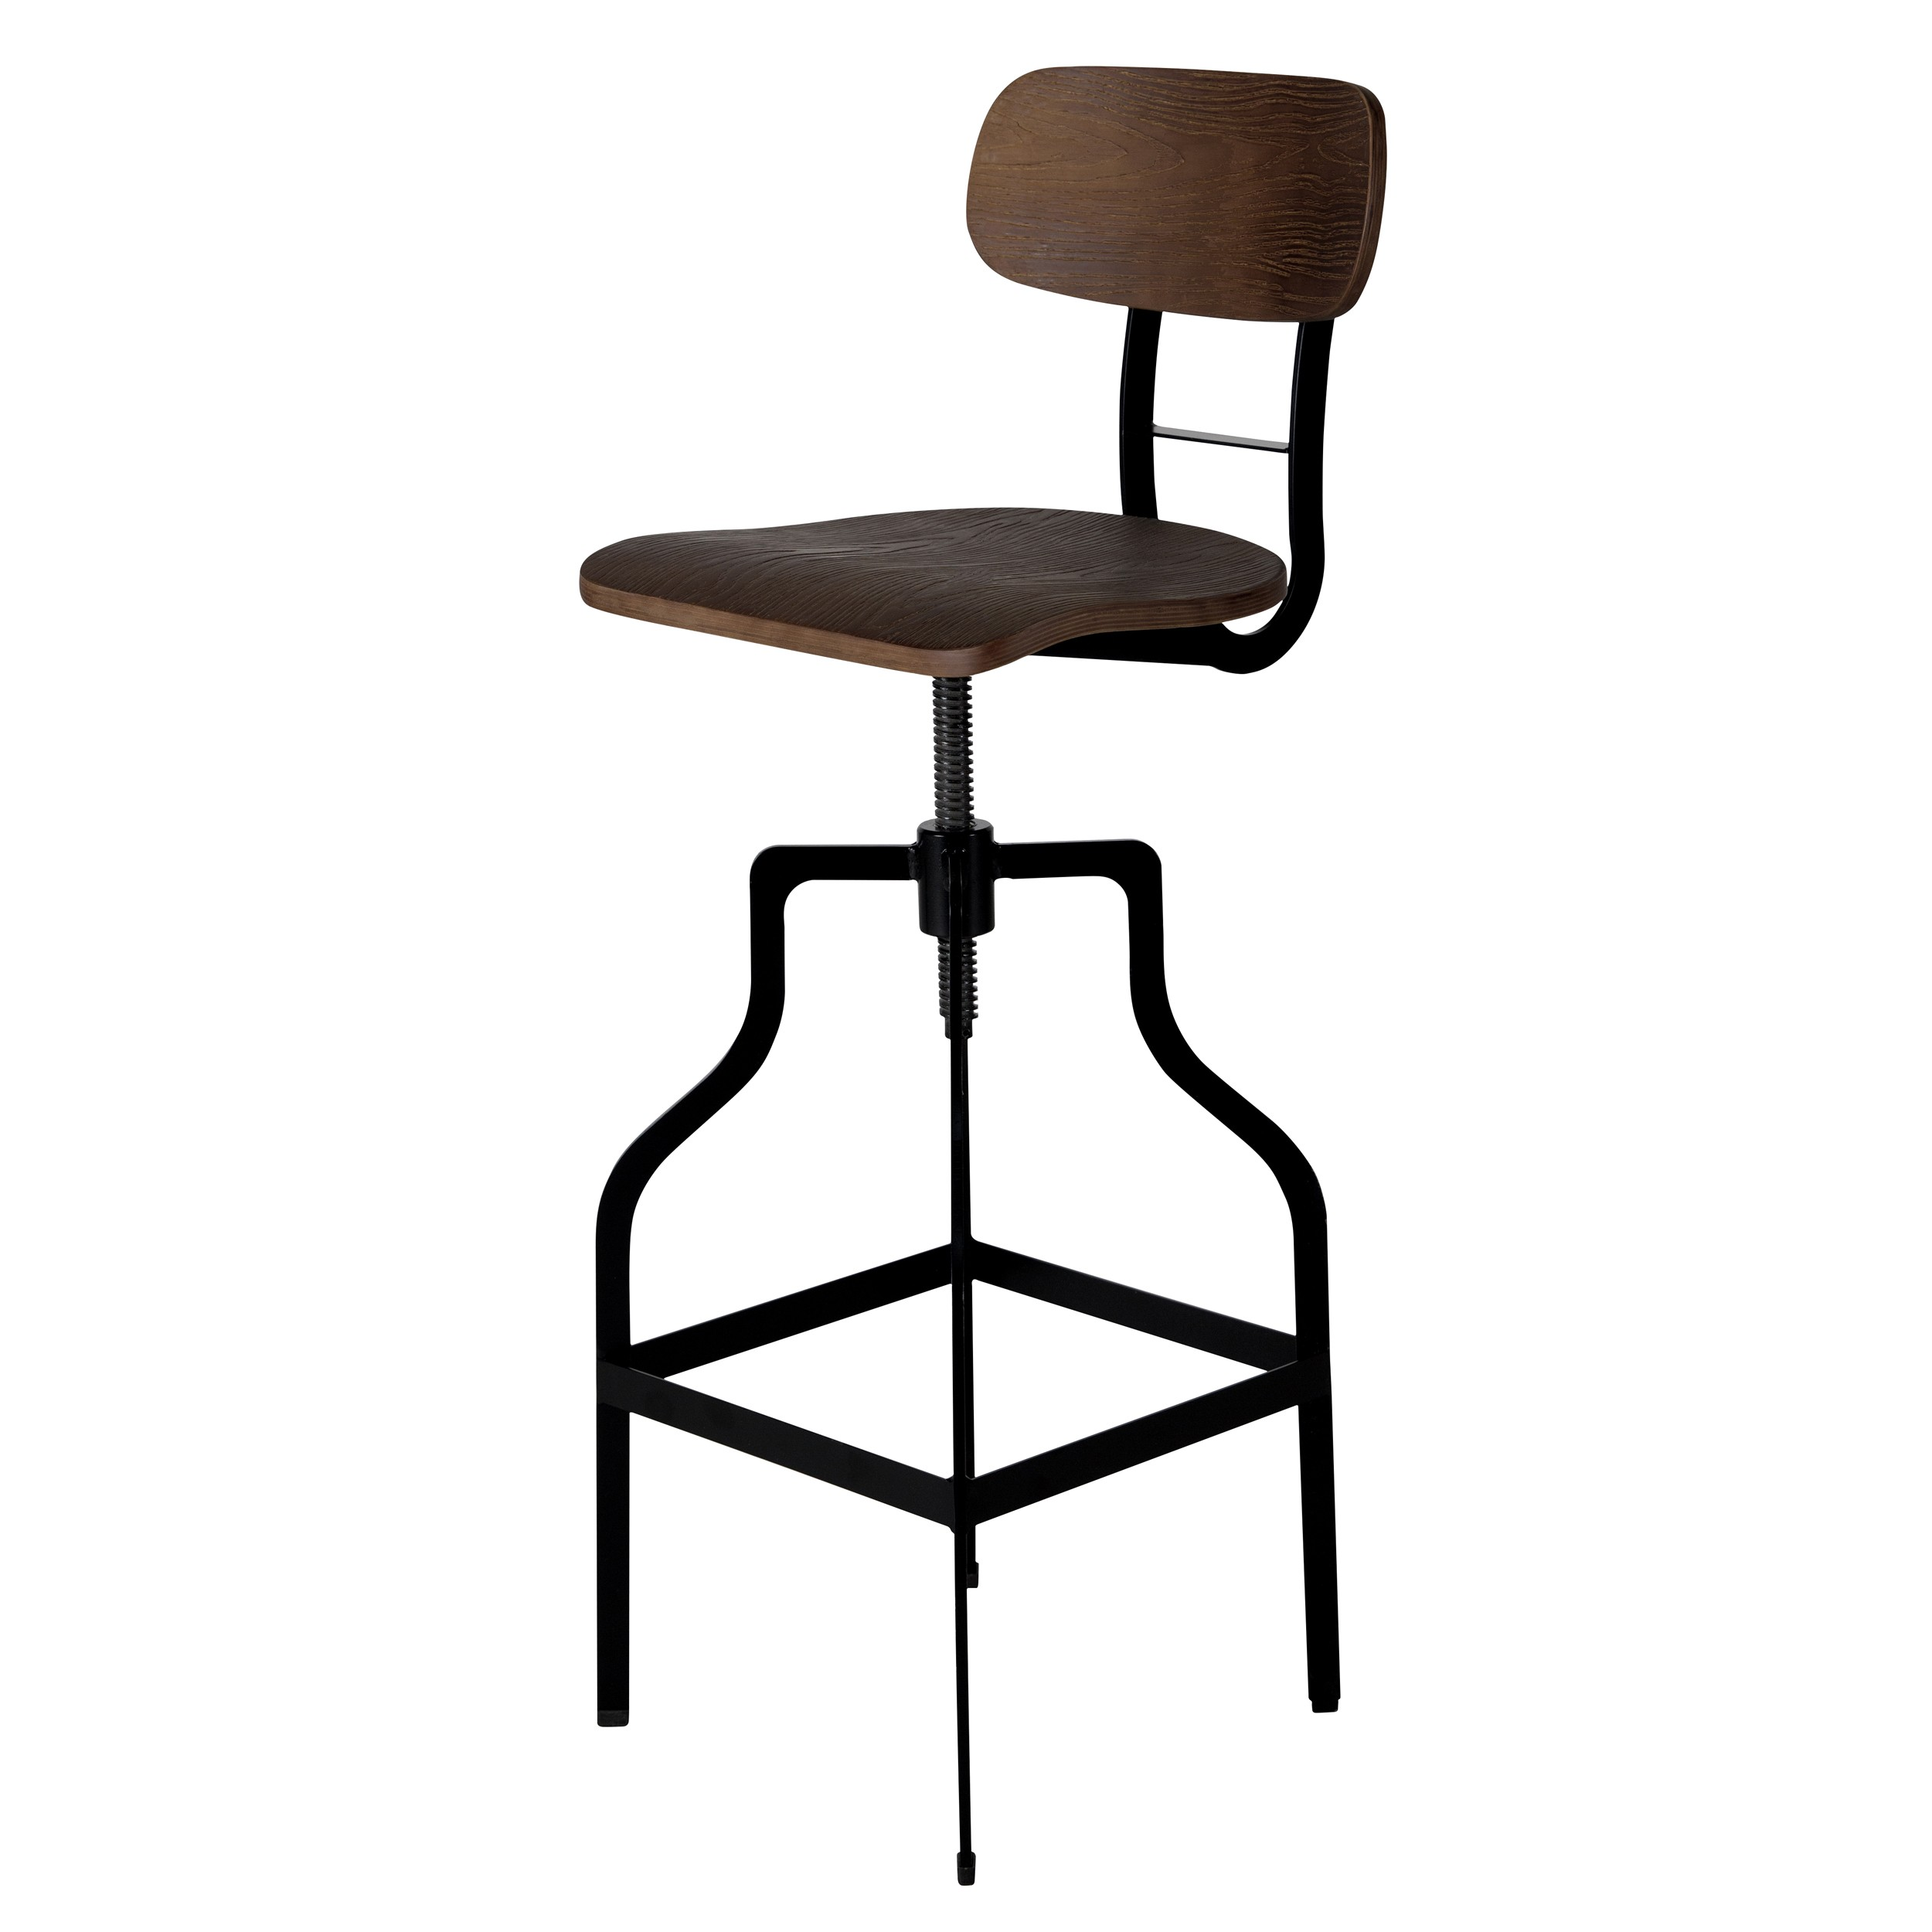 achat chaise bar retro bois petit prix